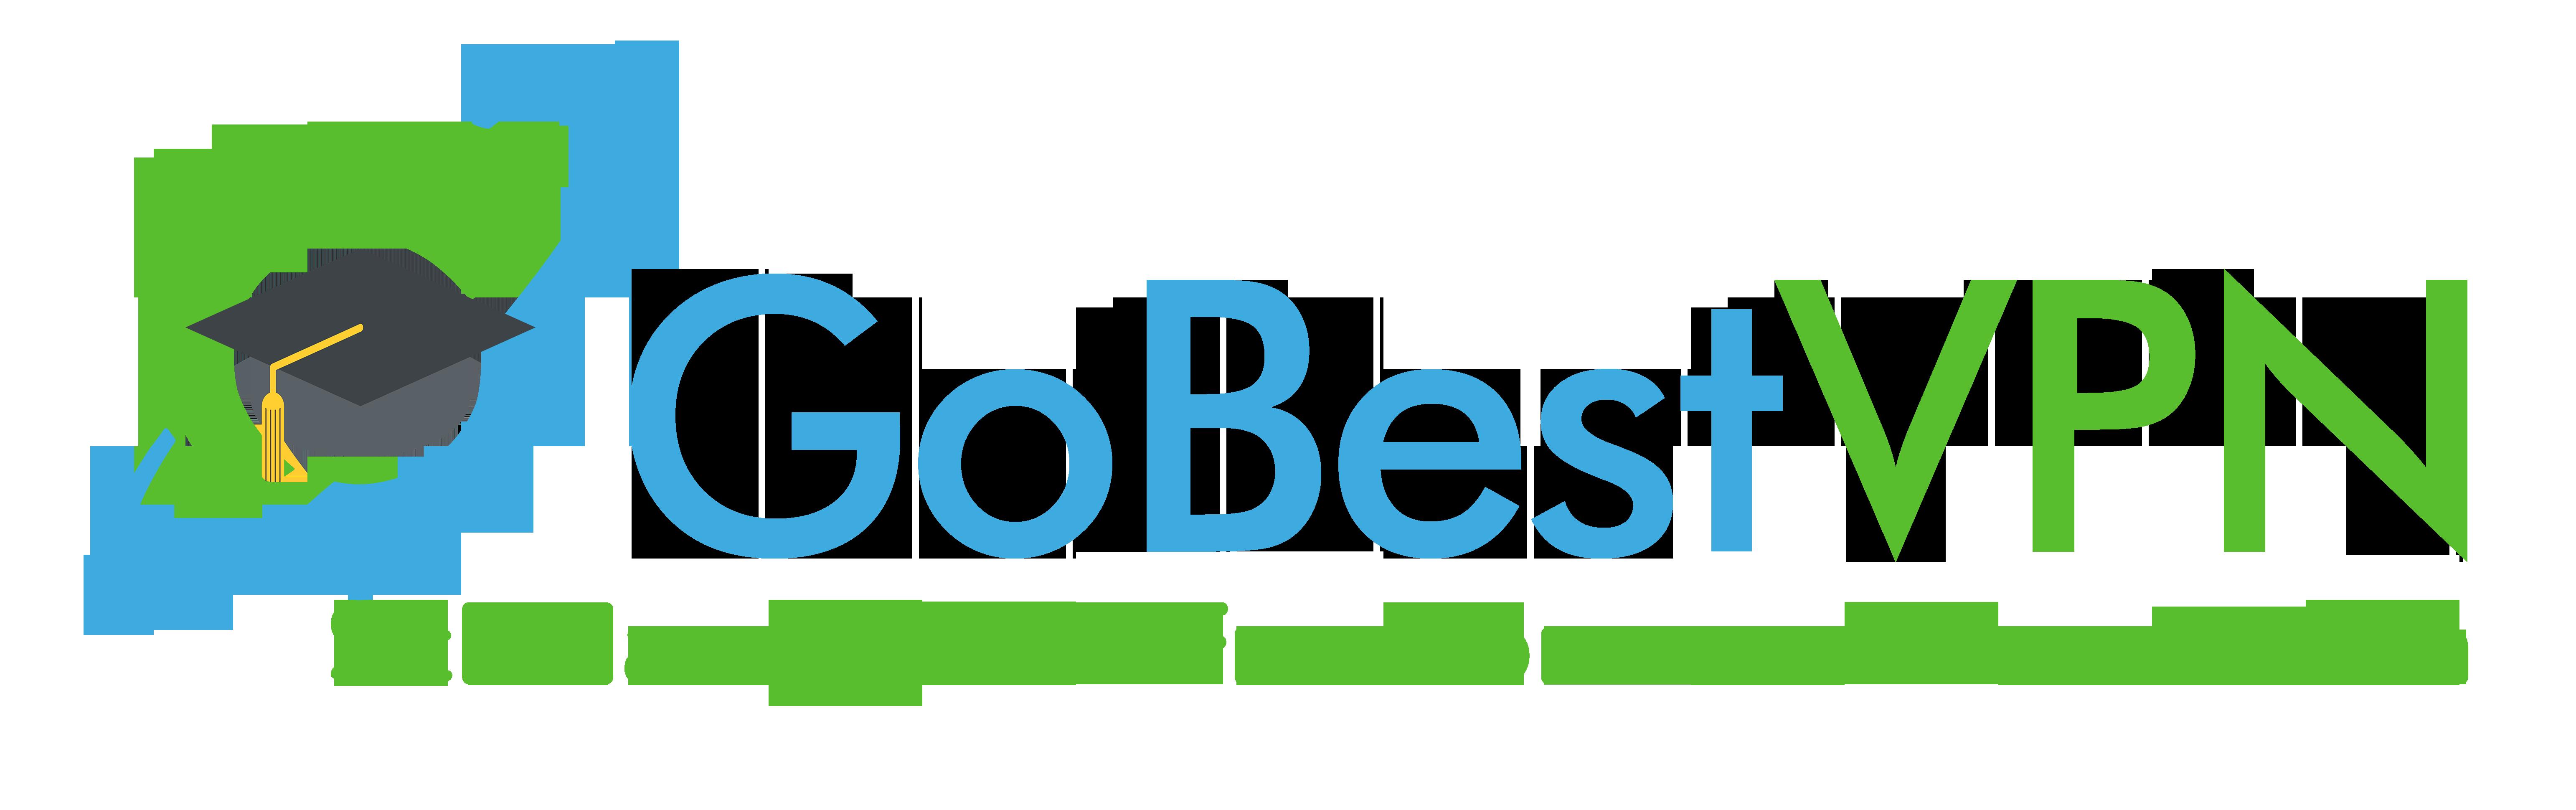 GoBestVPN Scholarship For Freedom And Innovation